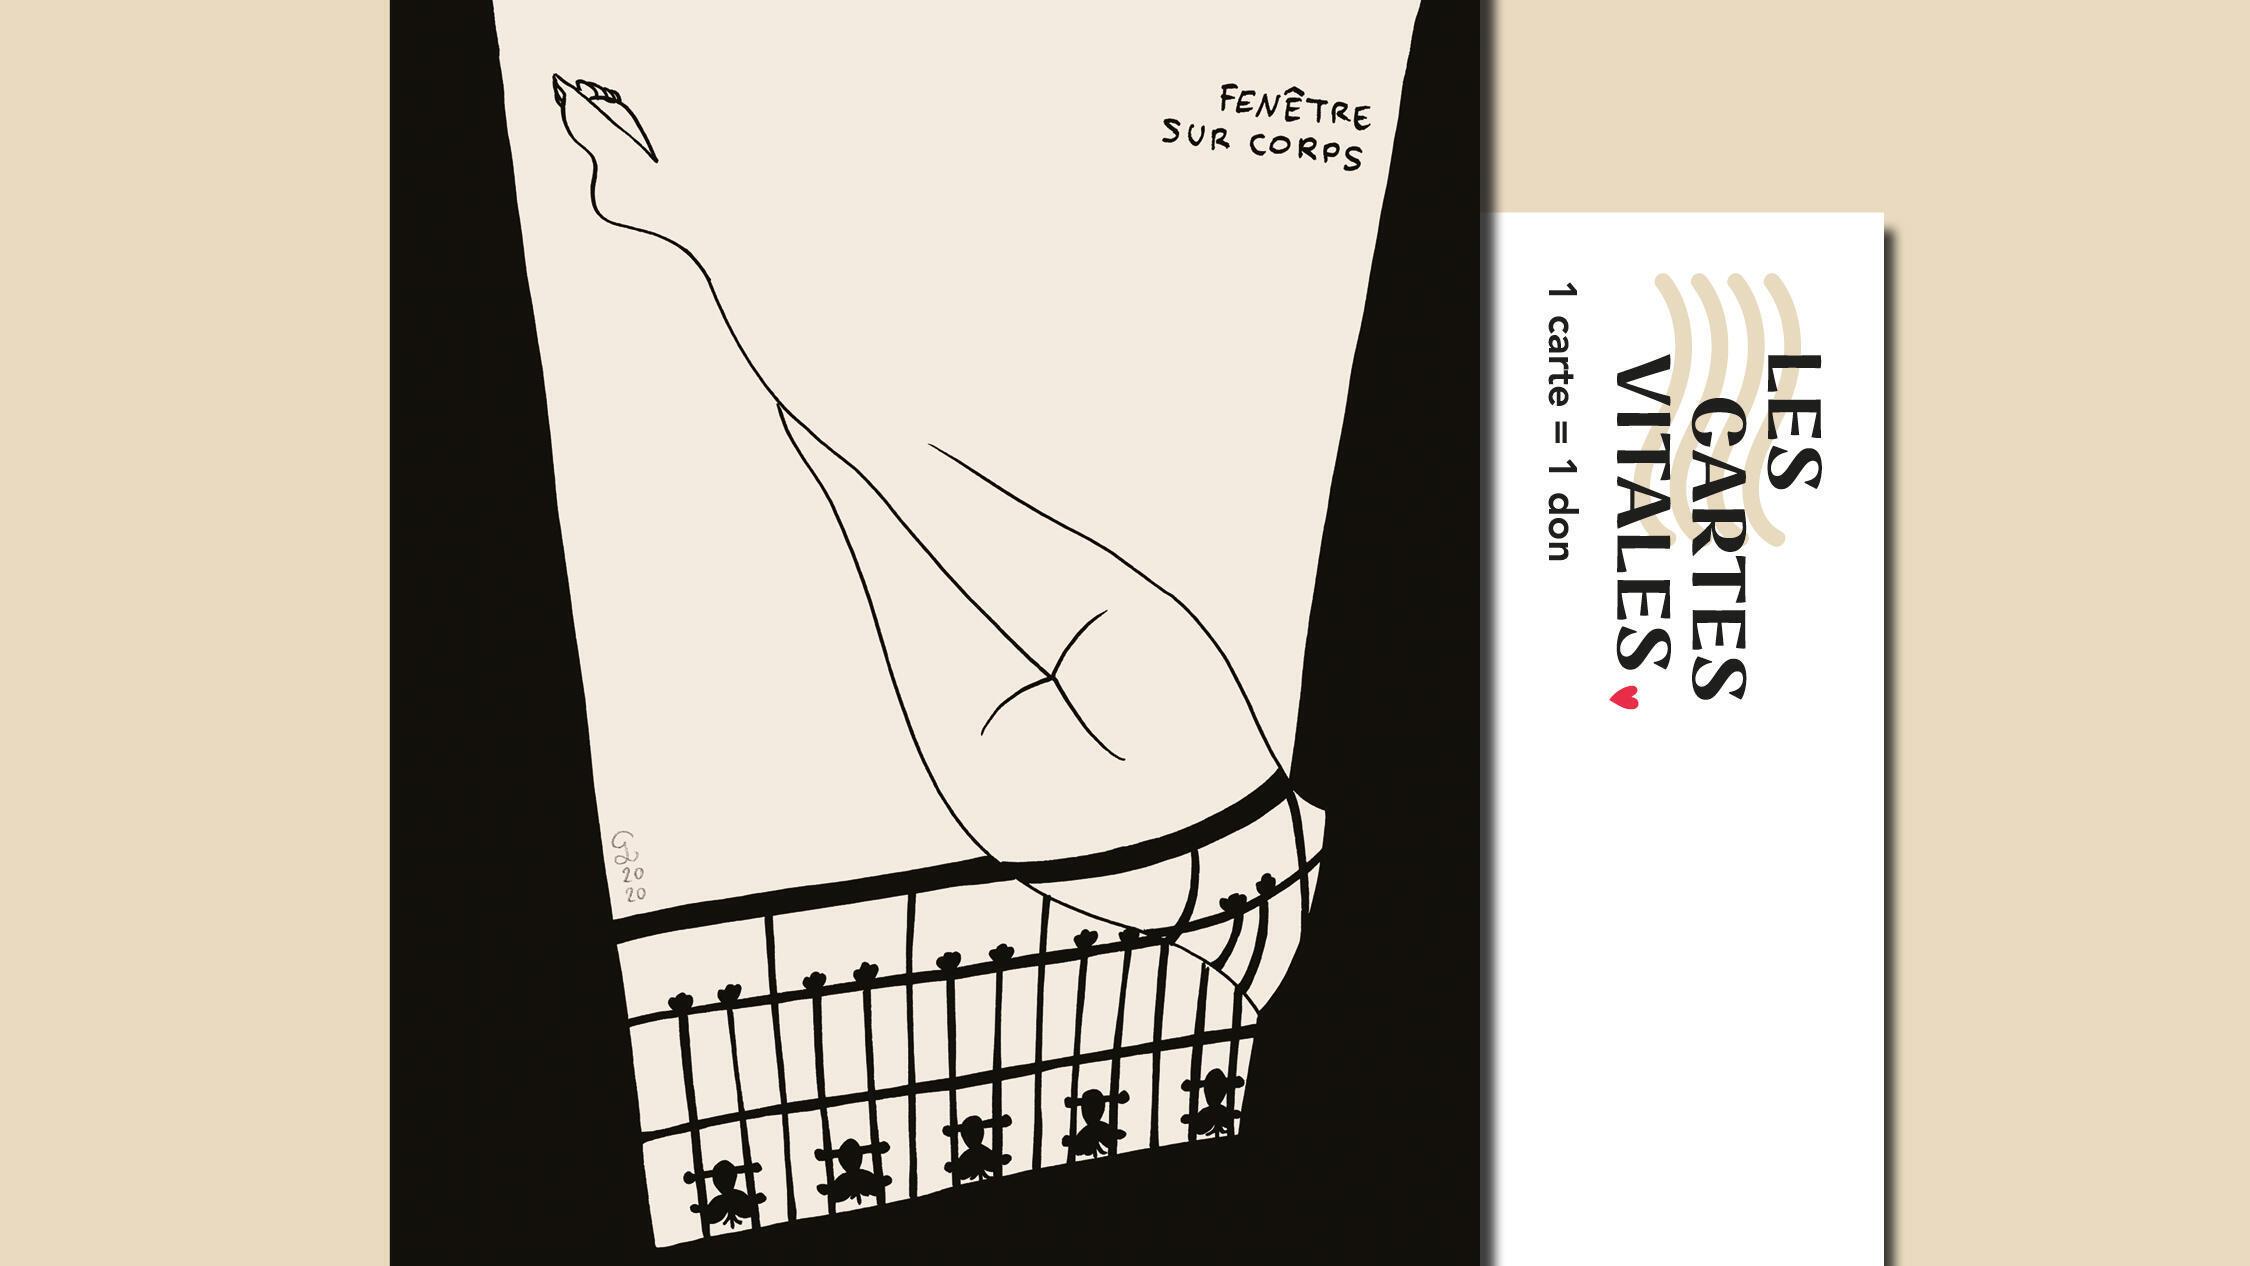 Six nouveaux artistes ont rejoint le projet, vendredi 24 avril, parmi lesquels JR, Charlotte le Bon et Petites Luxures.